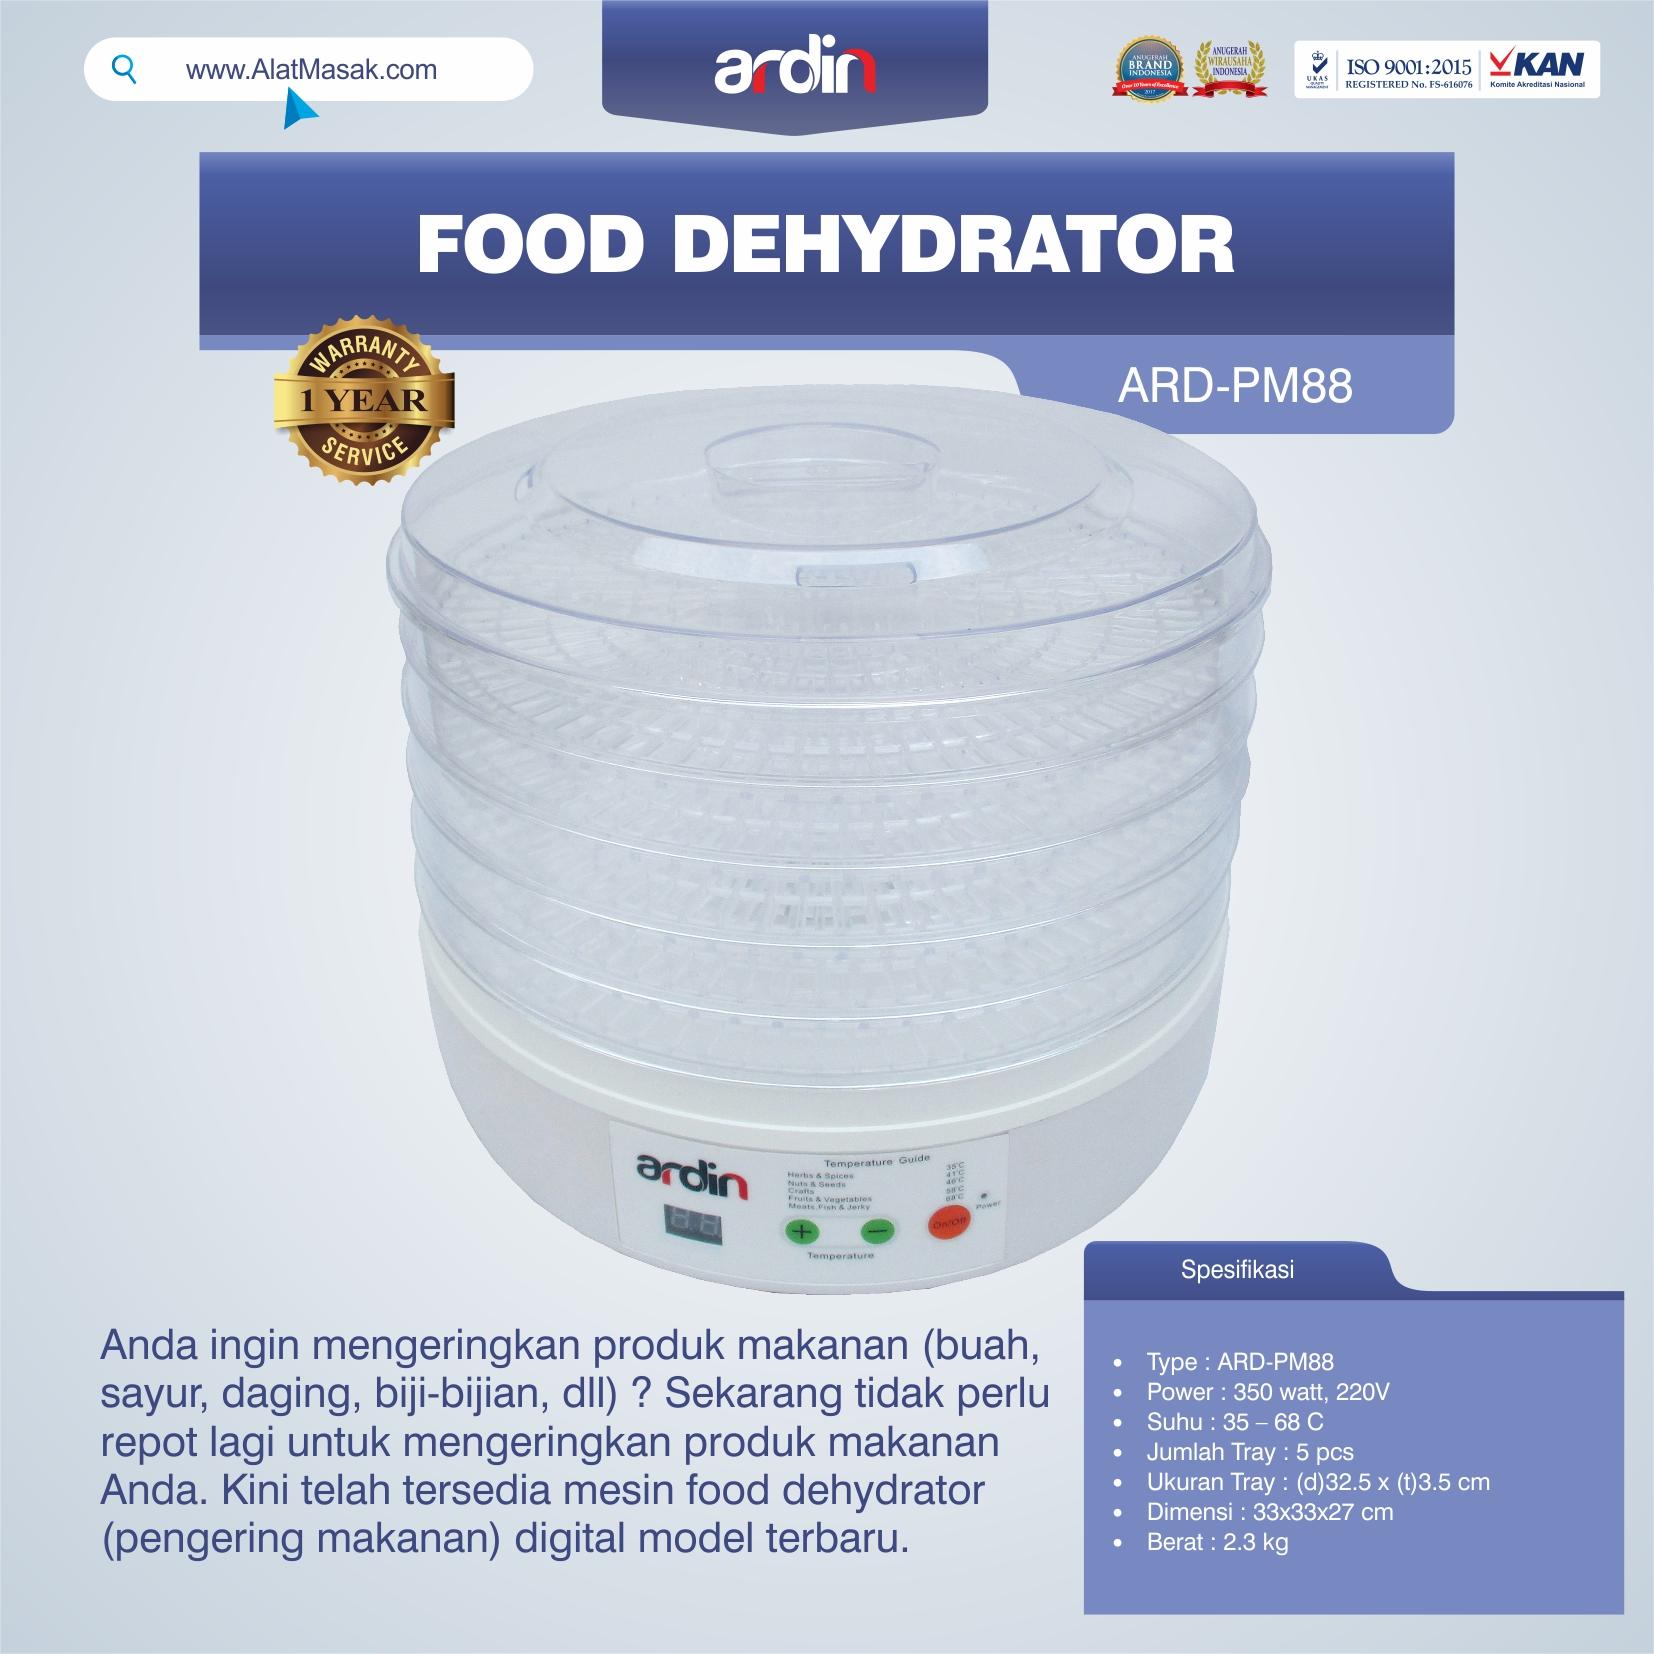 Jual Food Dehydrator ARD-PM88 di Bogor